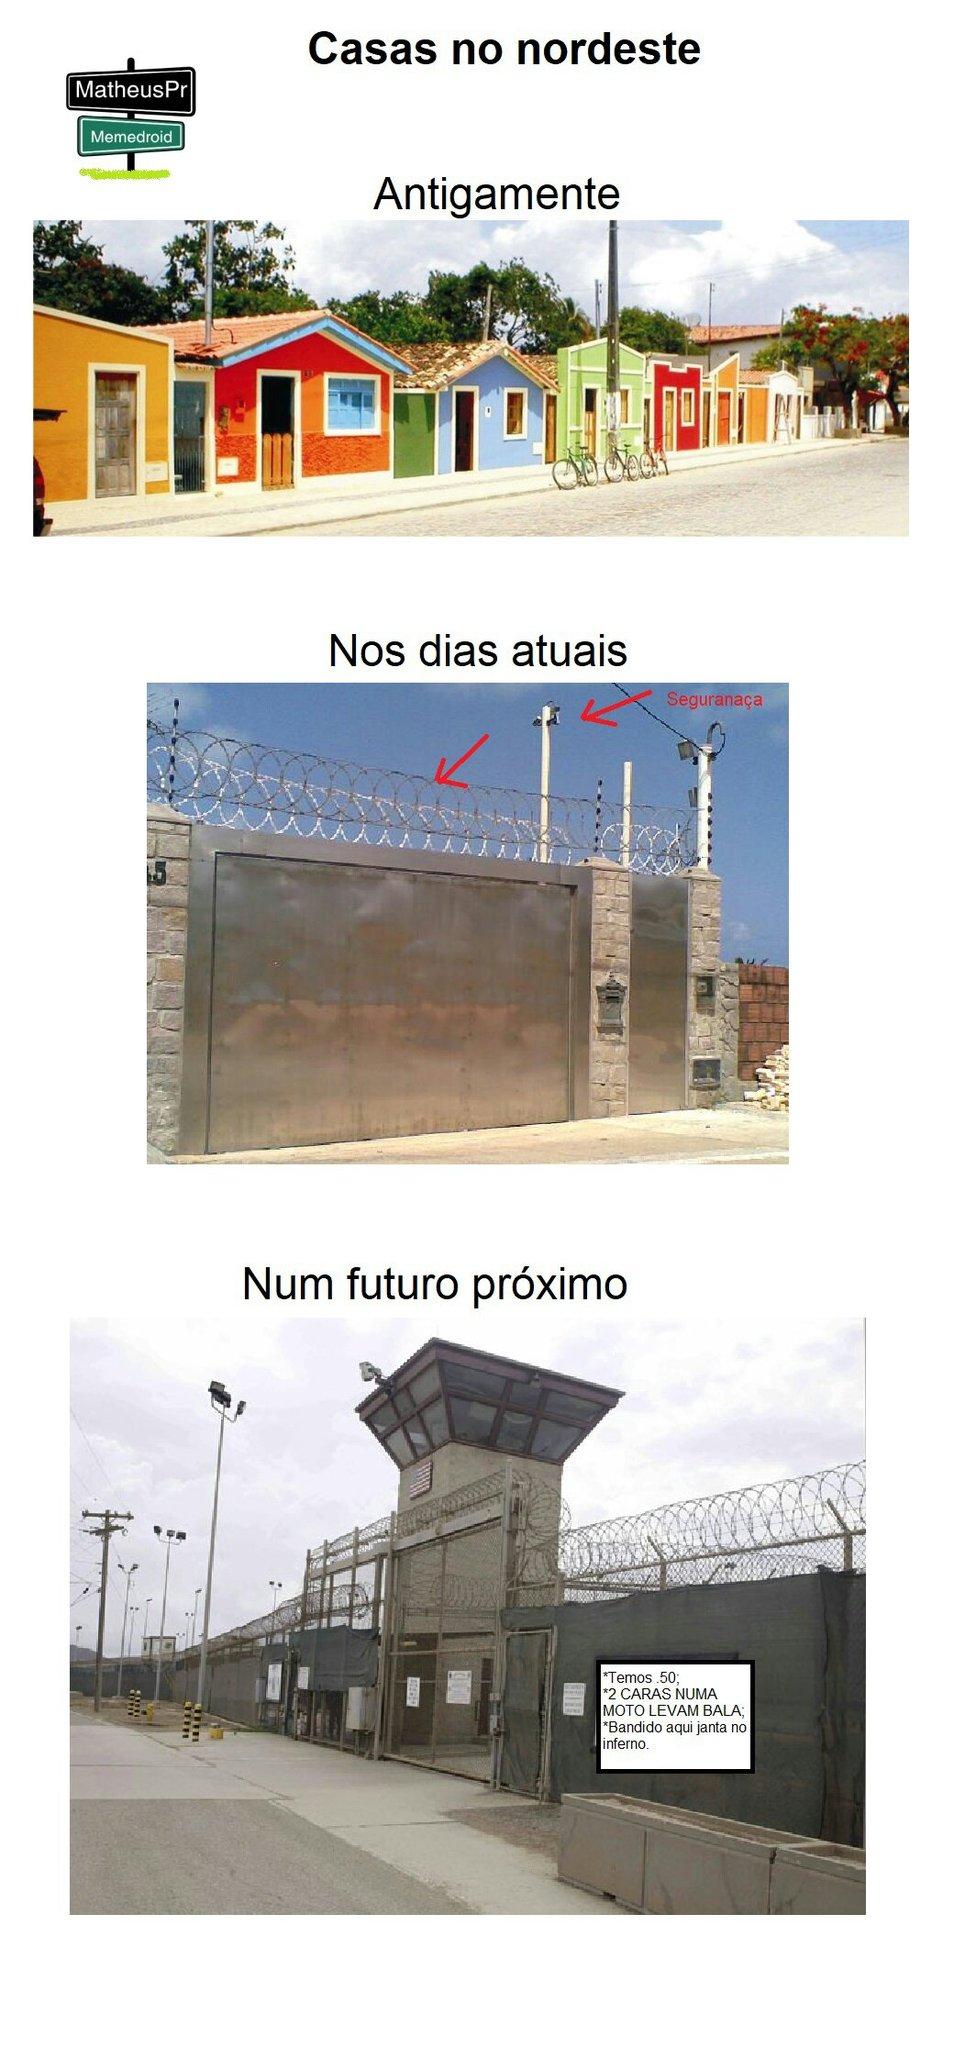 (In)segurança - meme